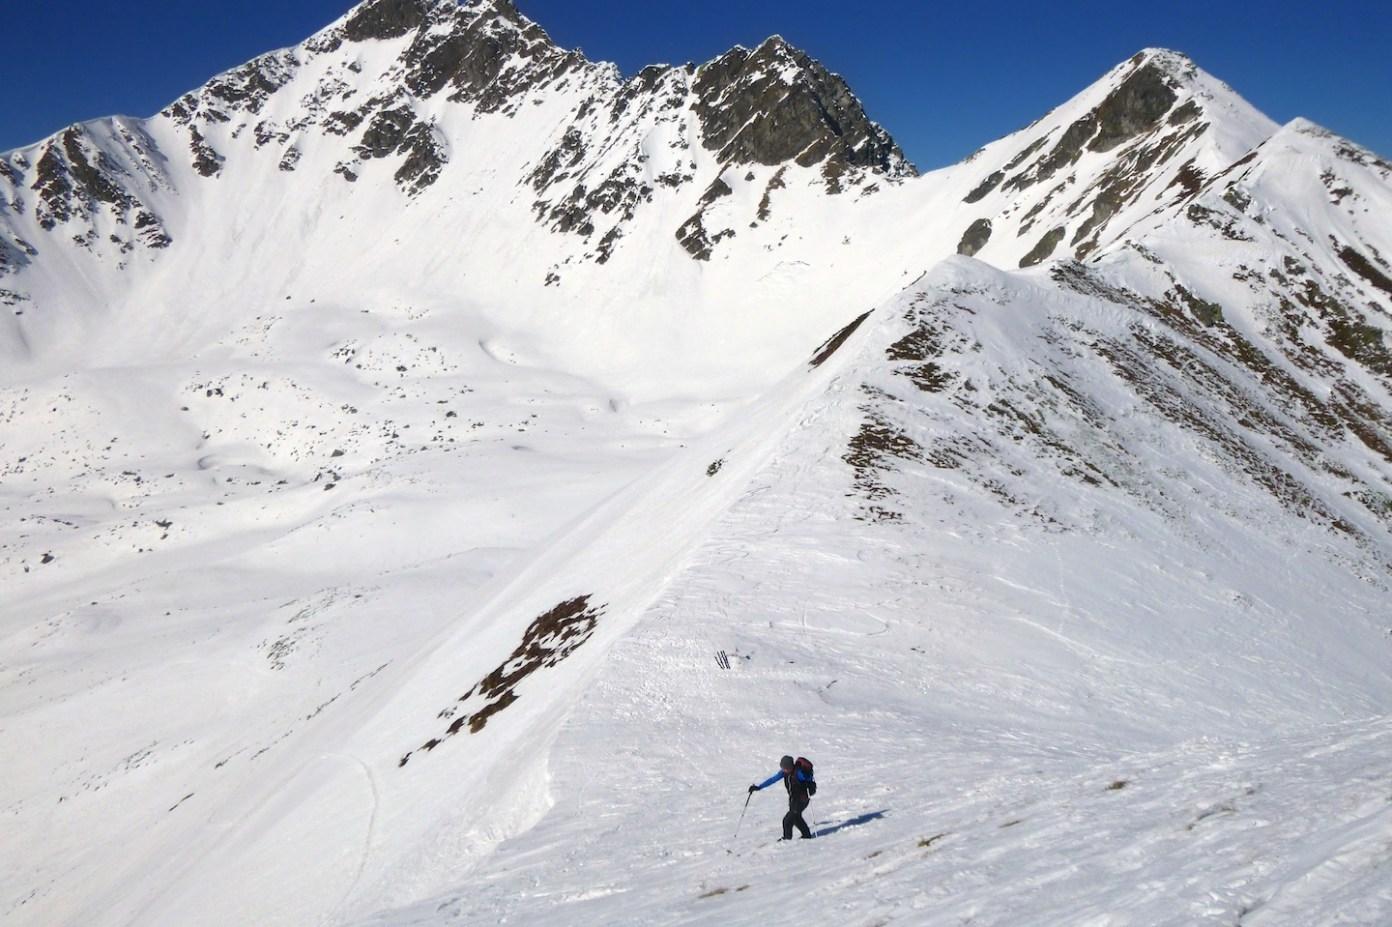 Výztup ze sedla absolvujeme pěšky bez lyží. Vpravo hřeben na Mödringkogel, uprostřed a vlevo vyhlášený Gamskogelgrat.